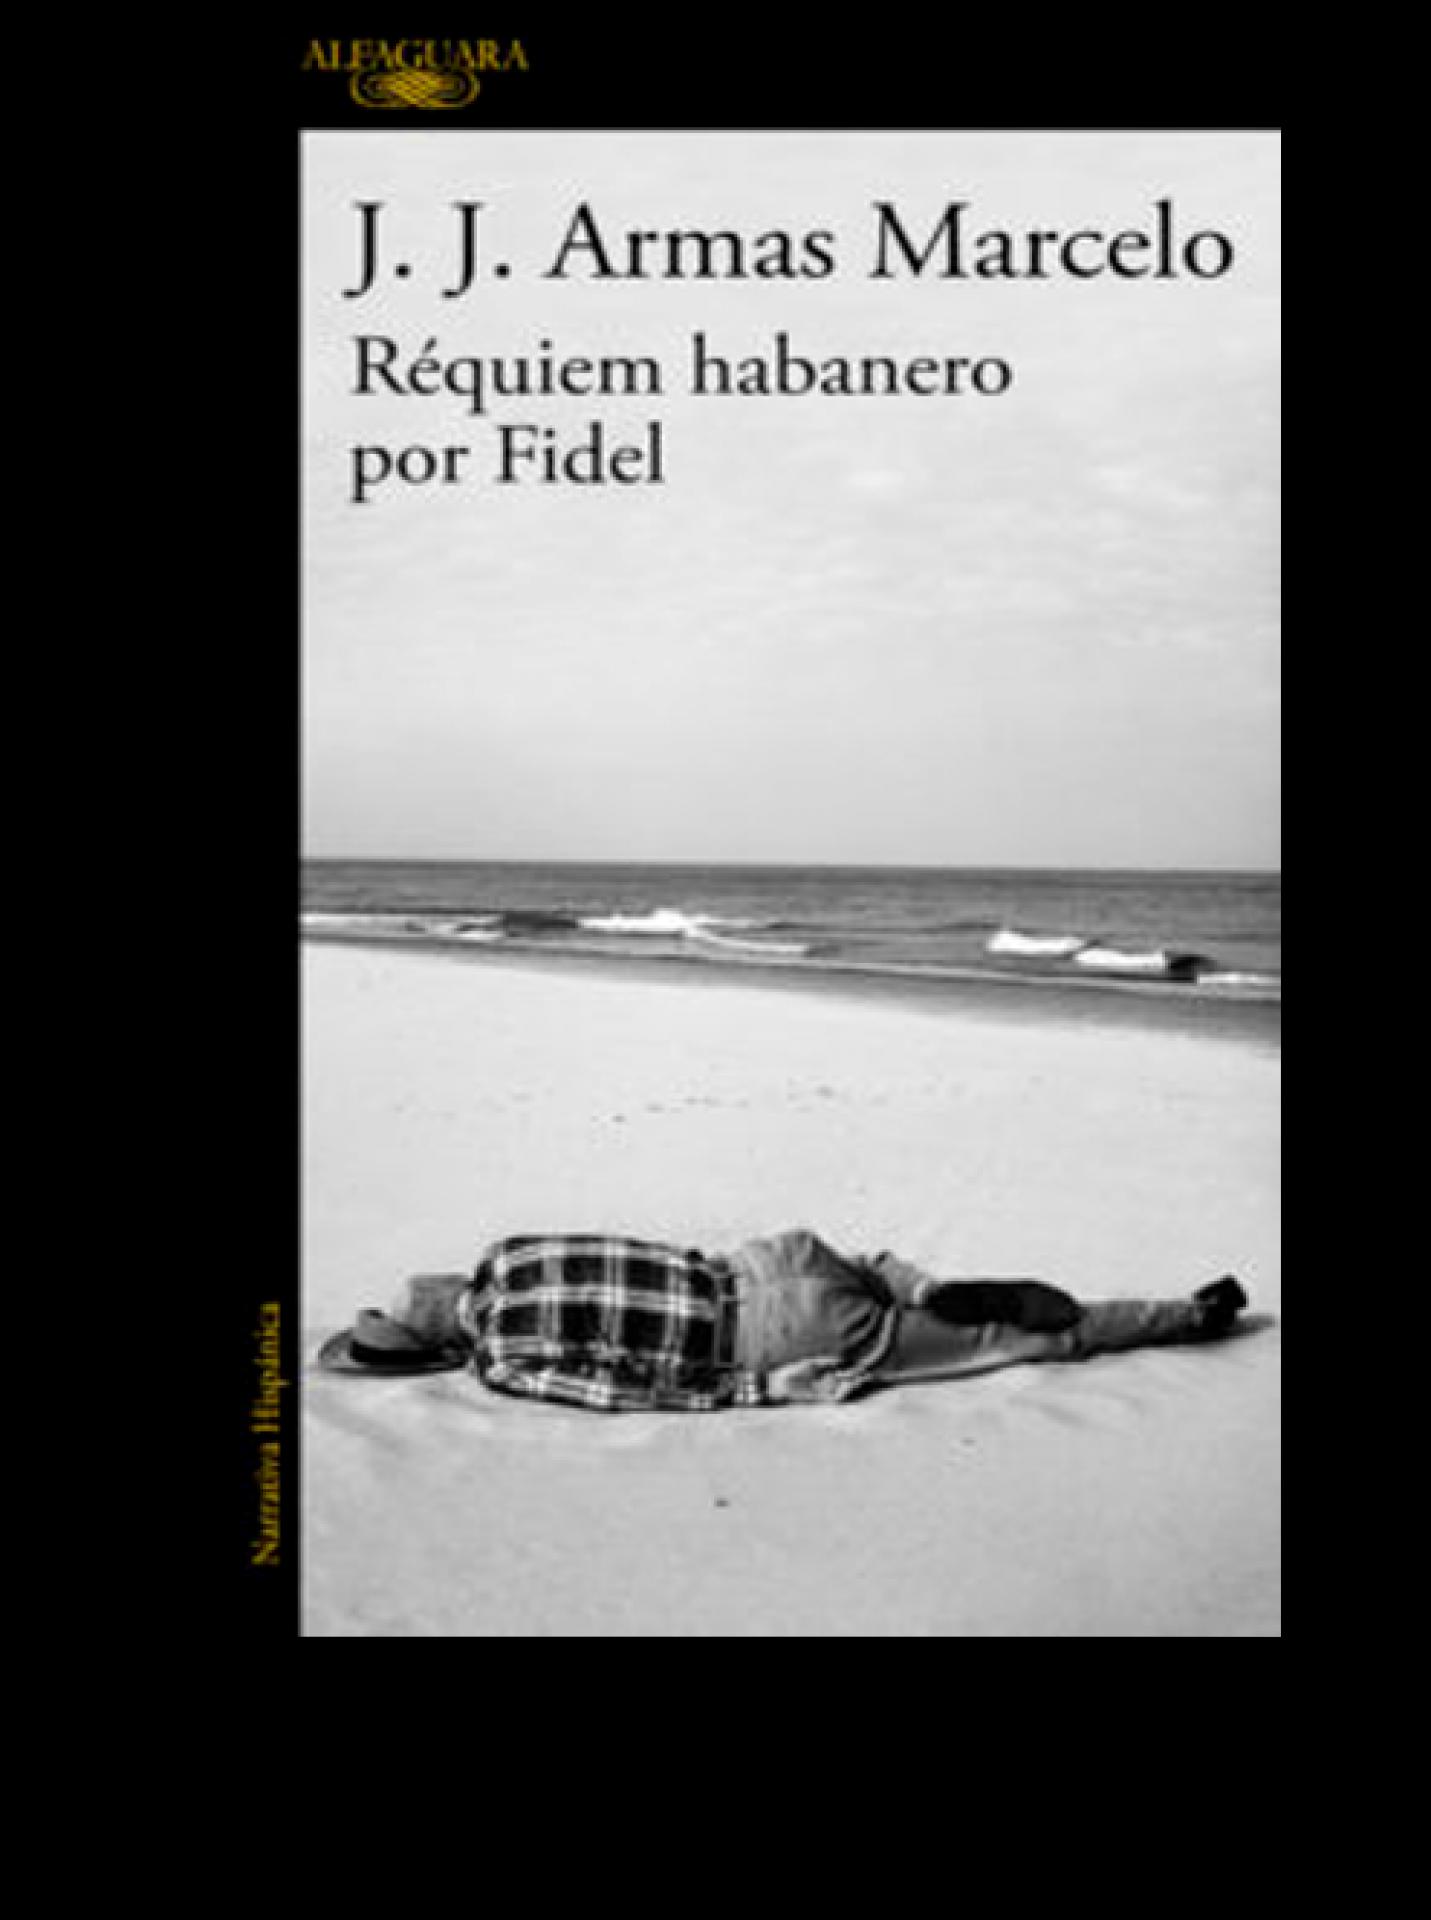 Requiem habanero por Fidel